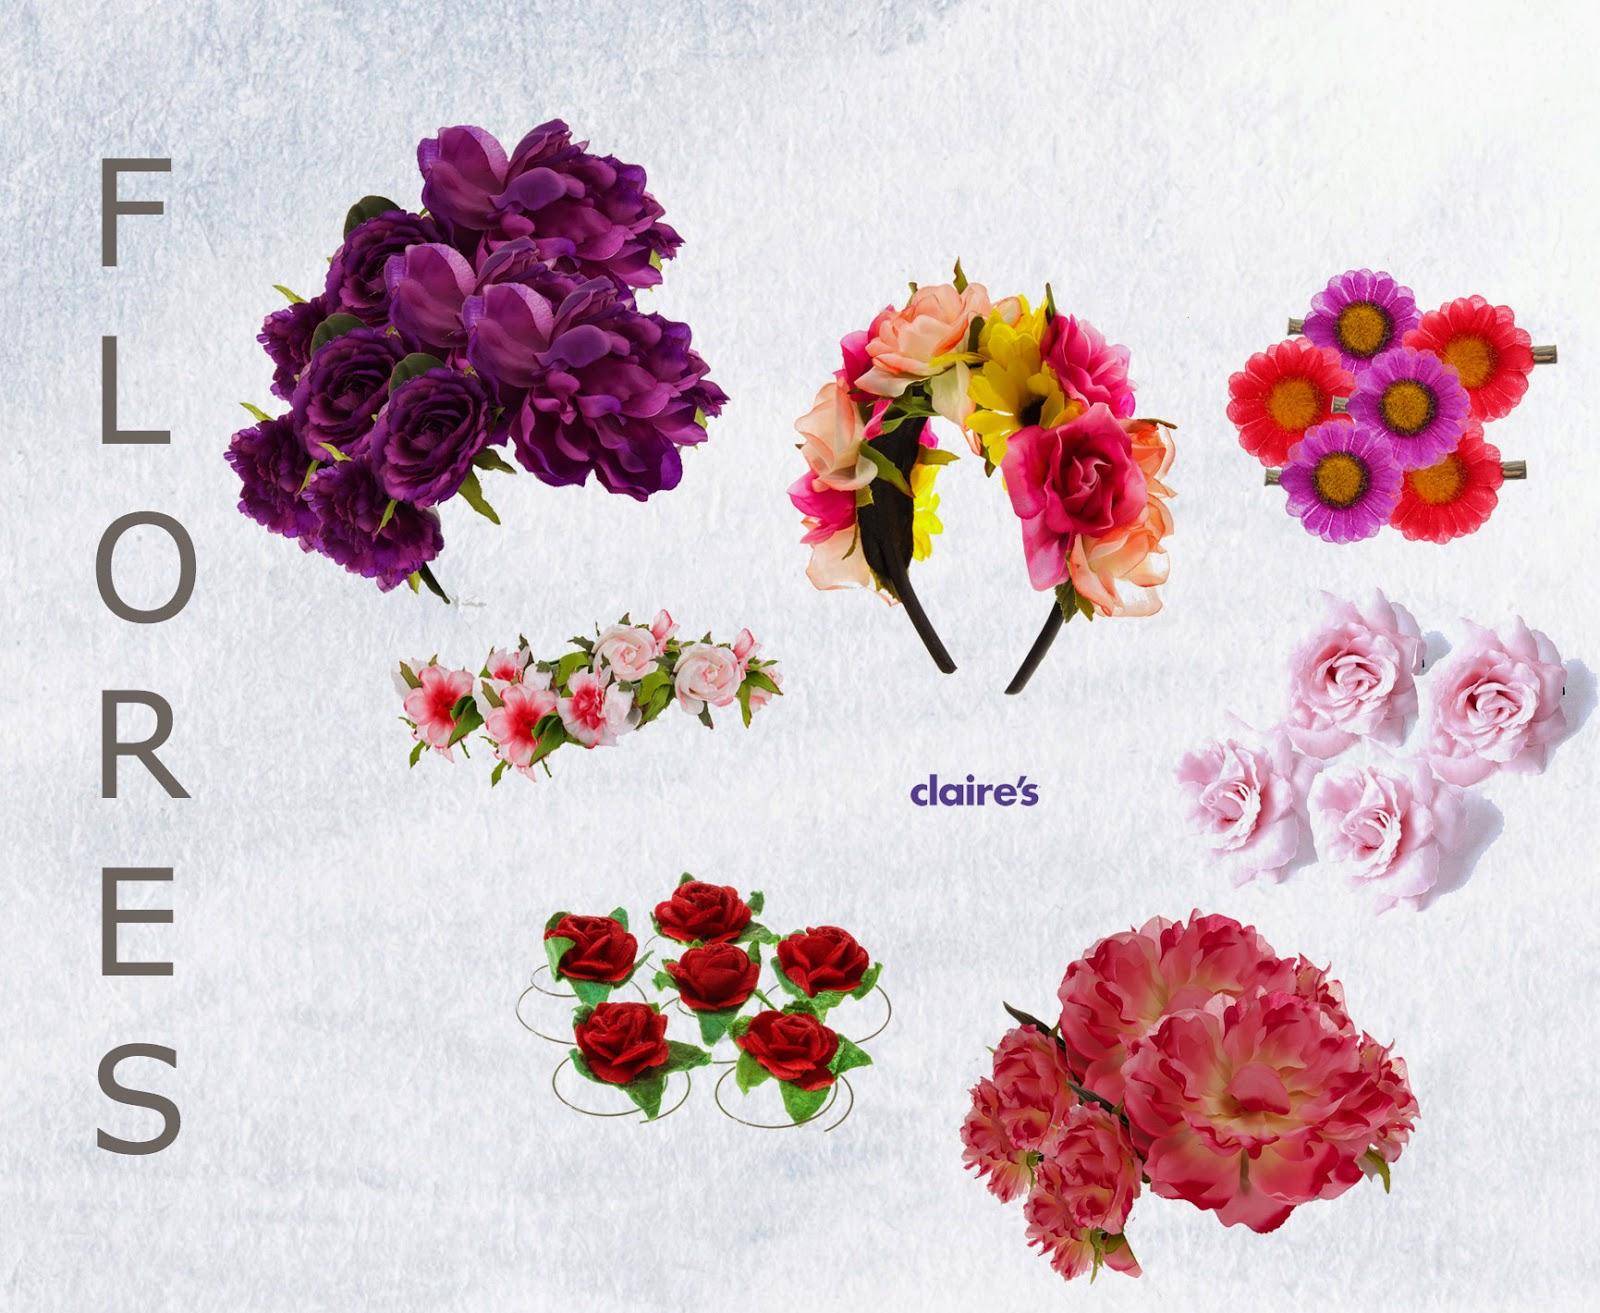 Flores pelo Claires